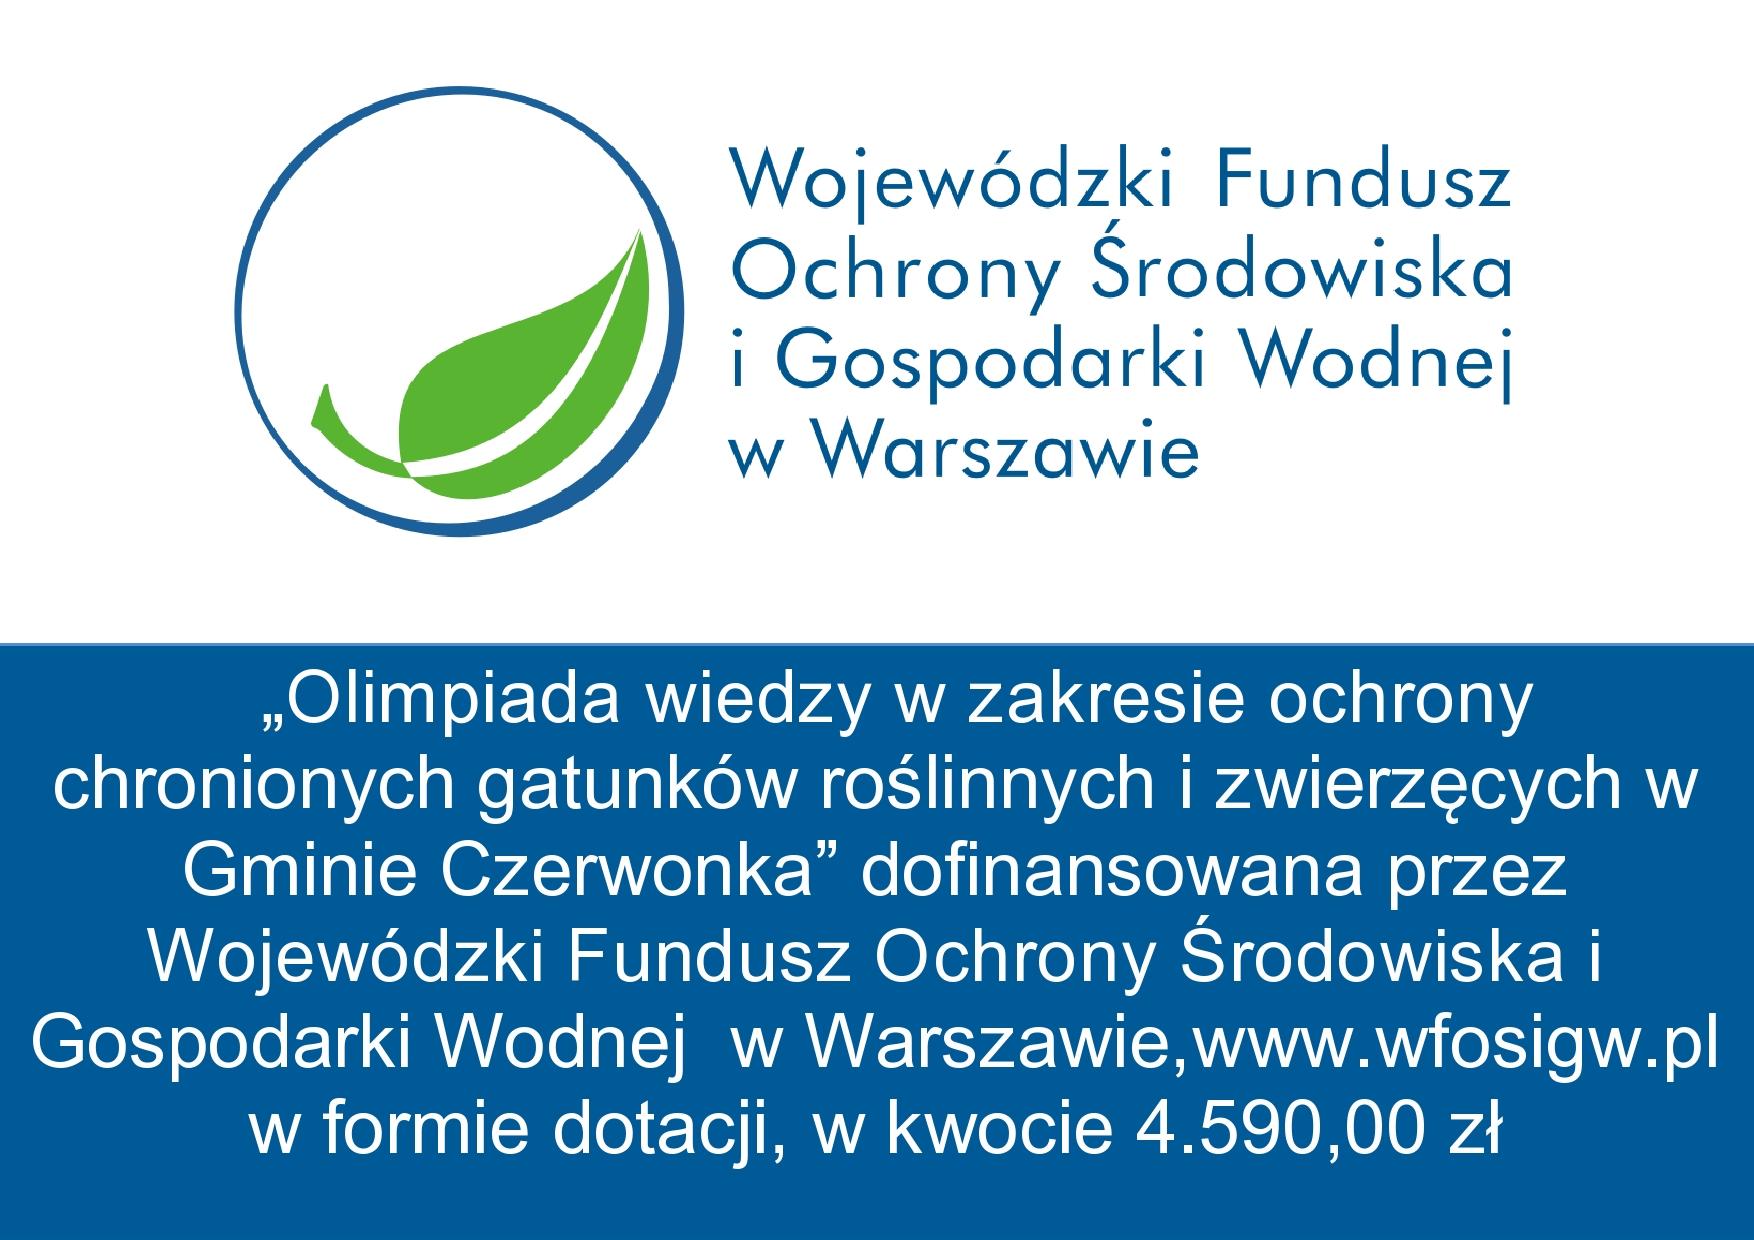 - tablica_wfosigw_kwota-page0001.jpg